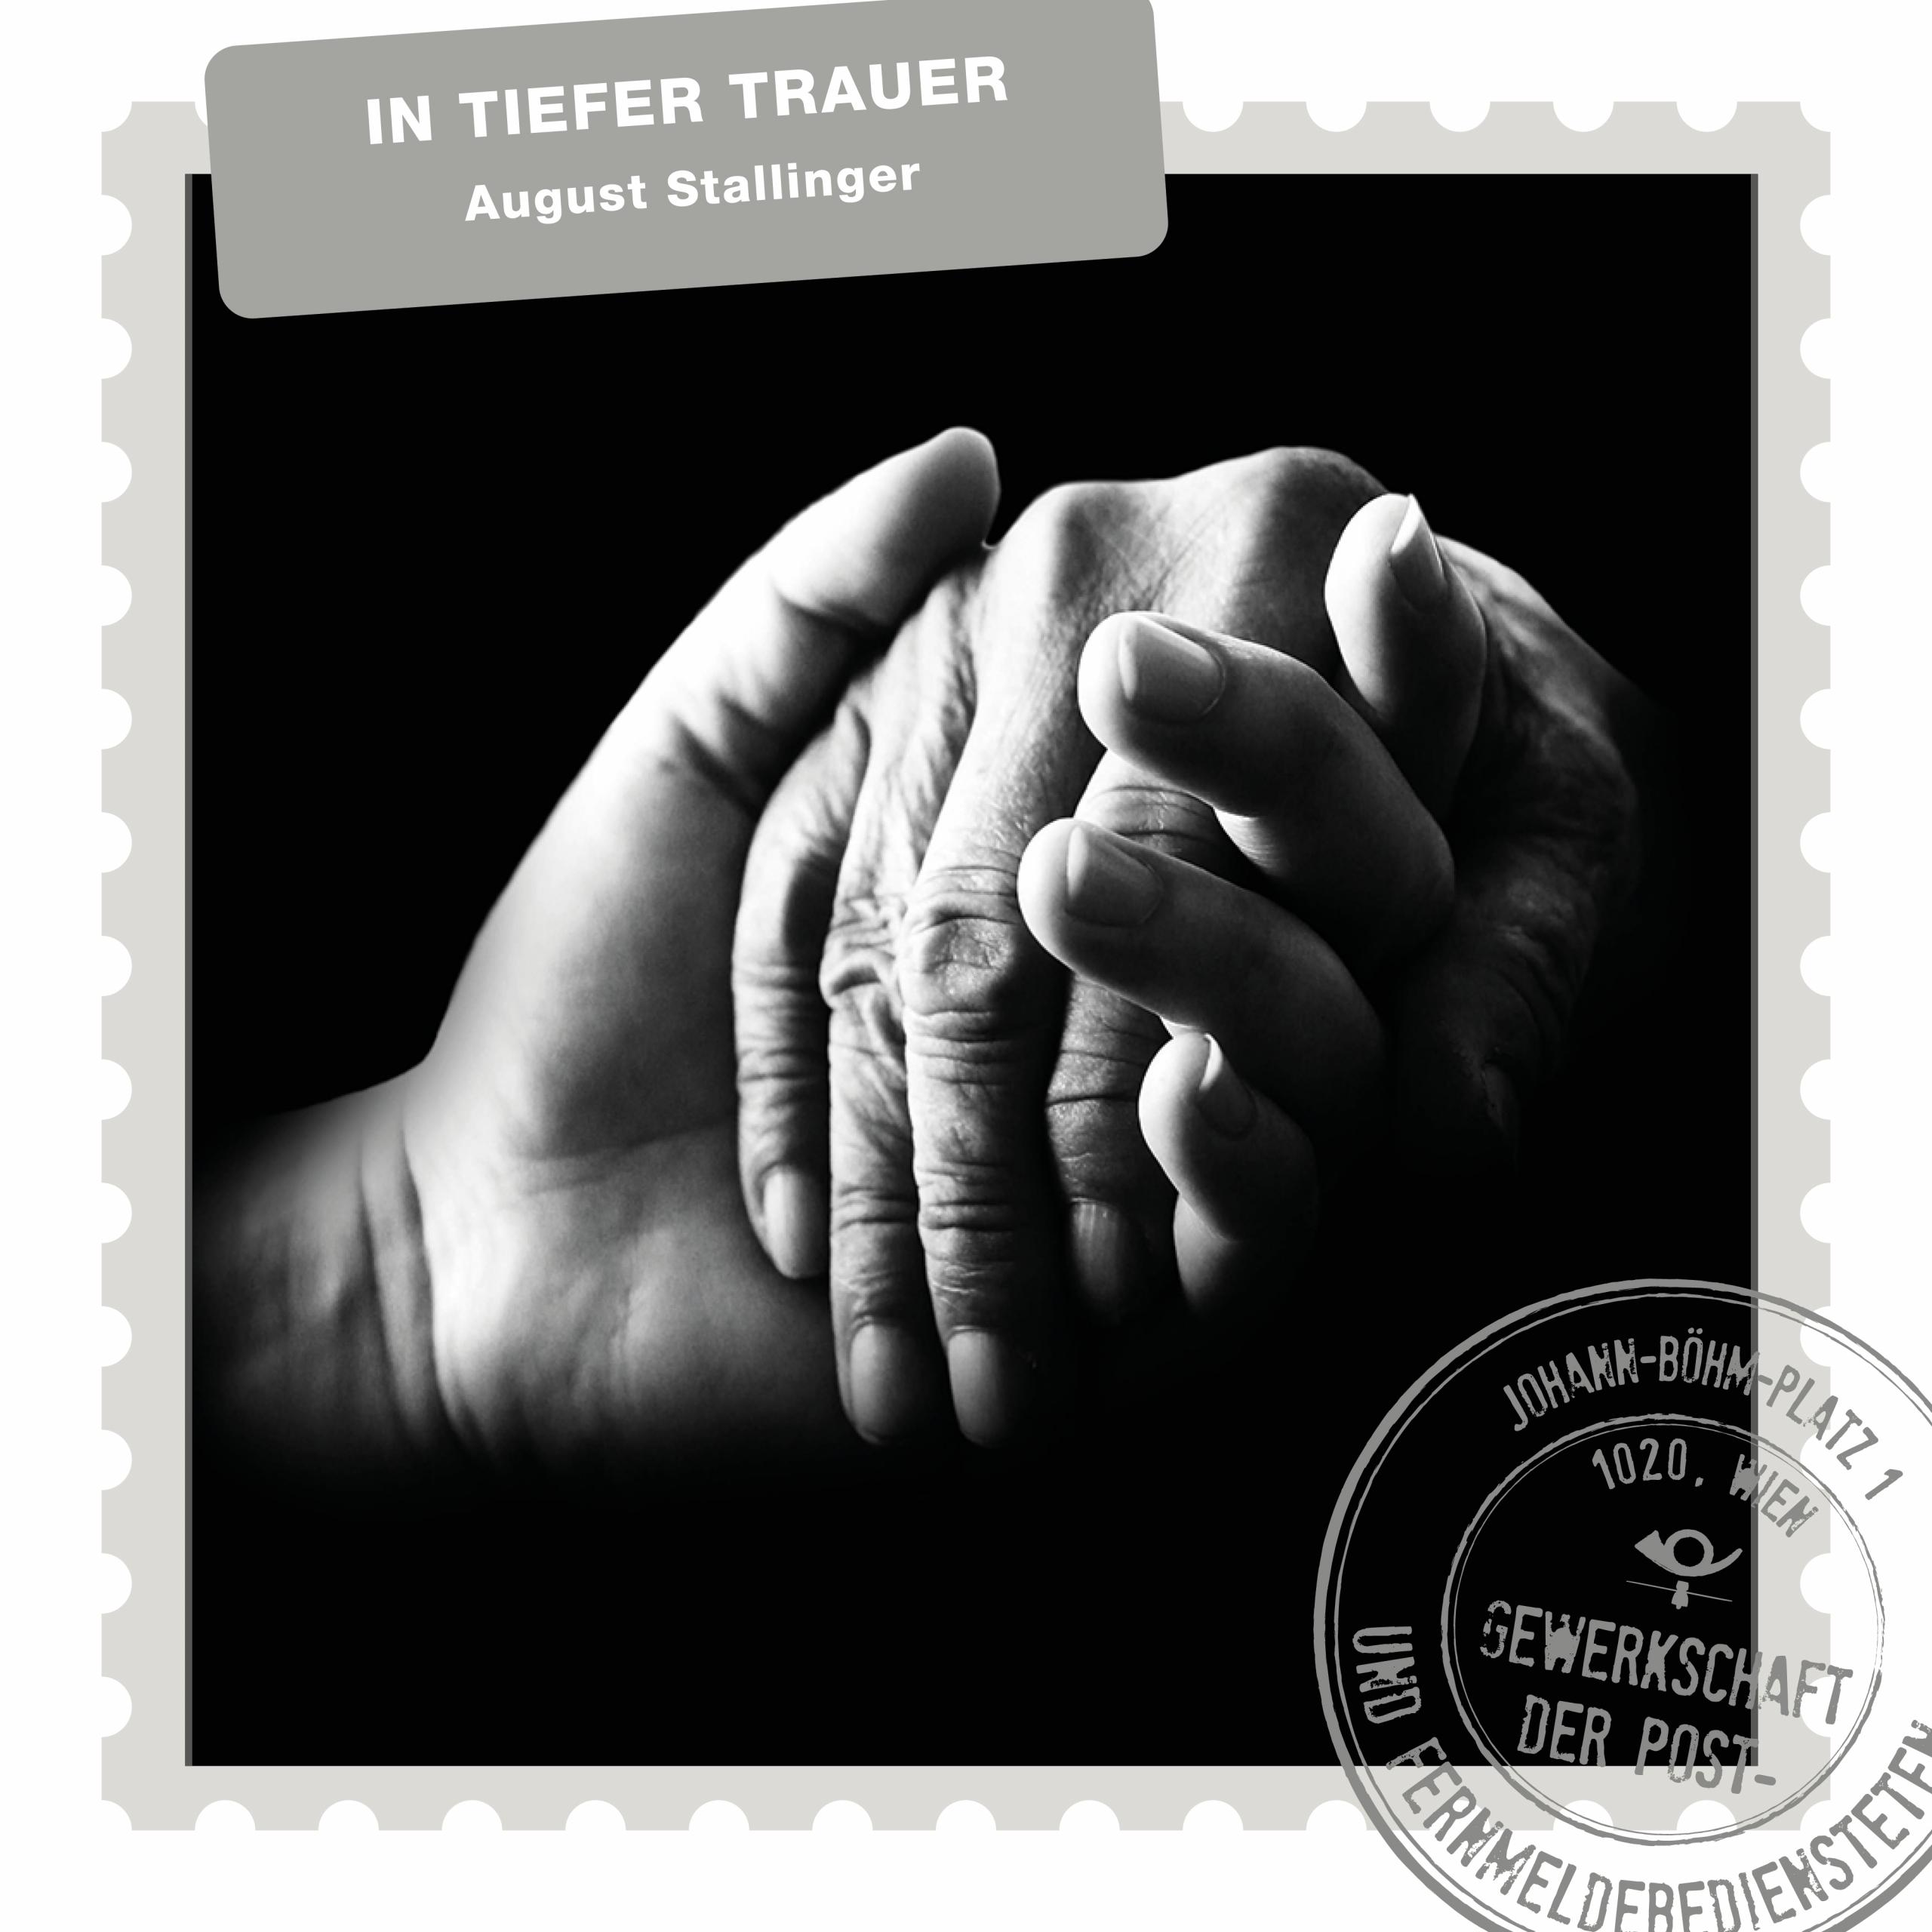 In Tiefer Trauer_August Stallinger_Beitragsbild